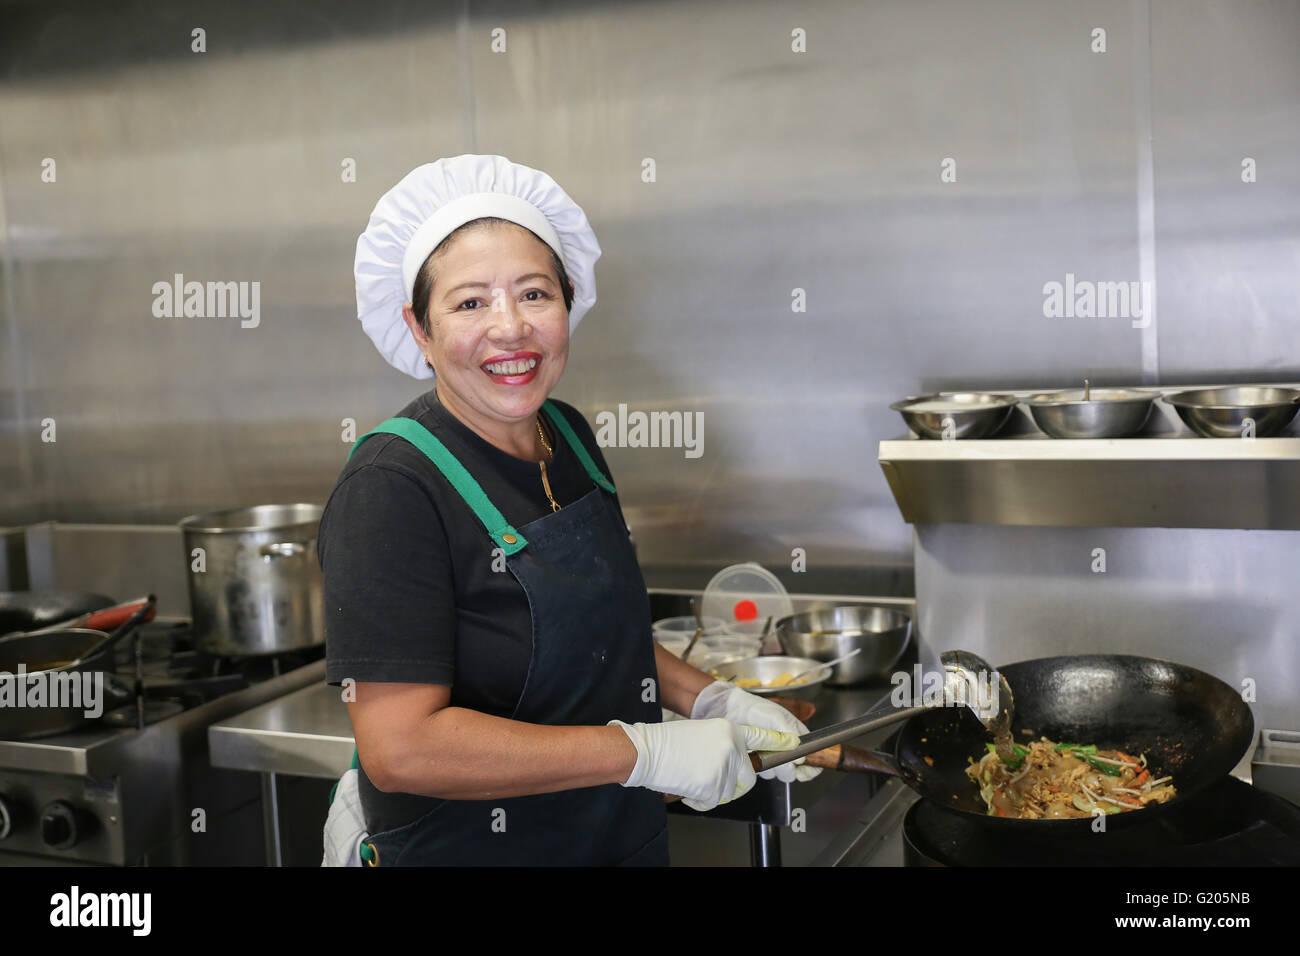 Asiatische Frau Koch in der Küche Stockfoto, Bild: 104496039 - Alamy